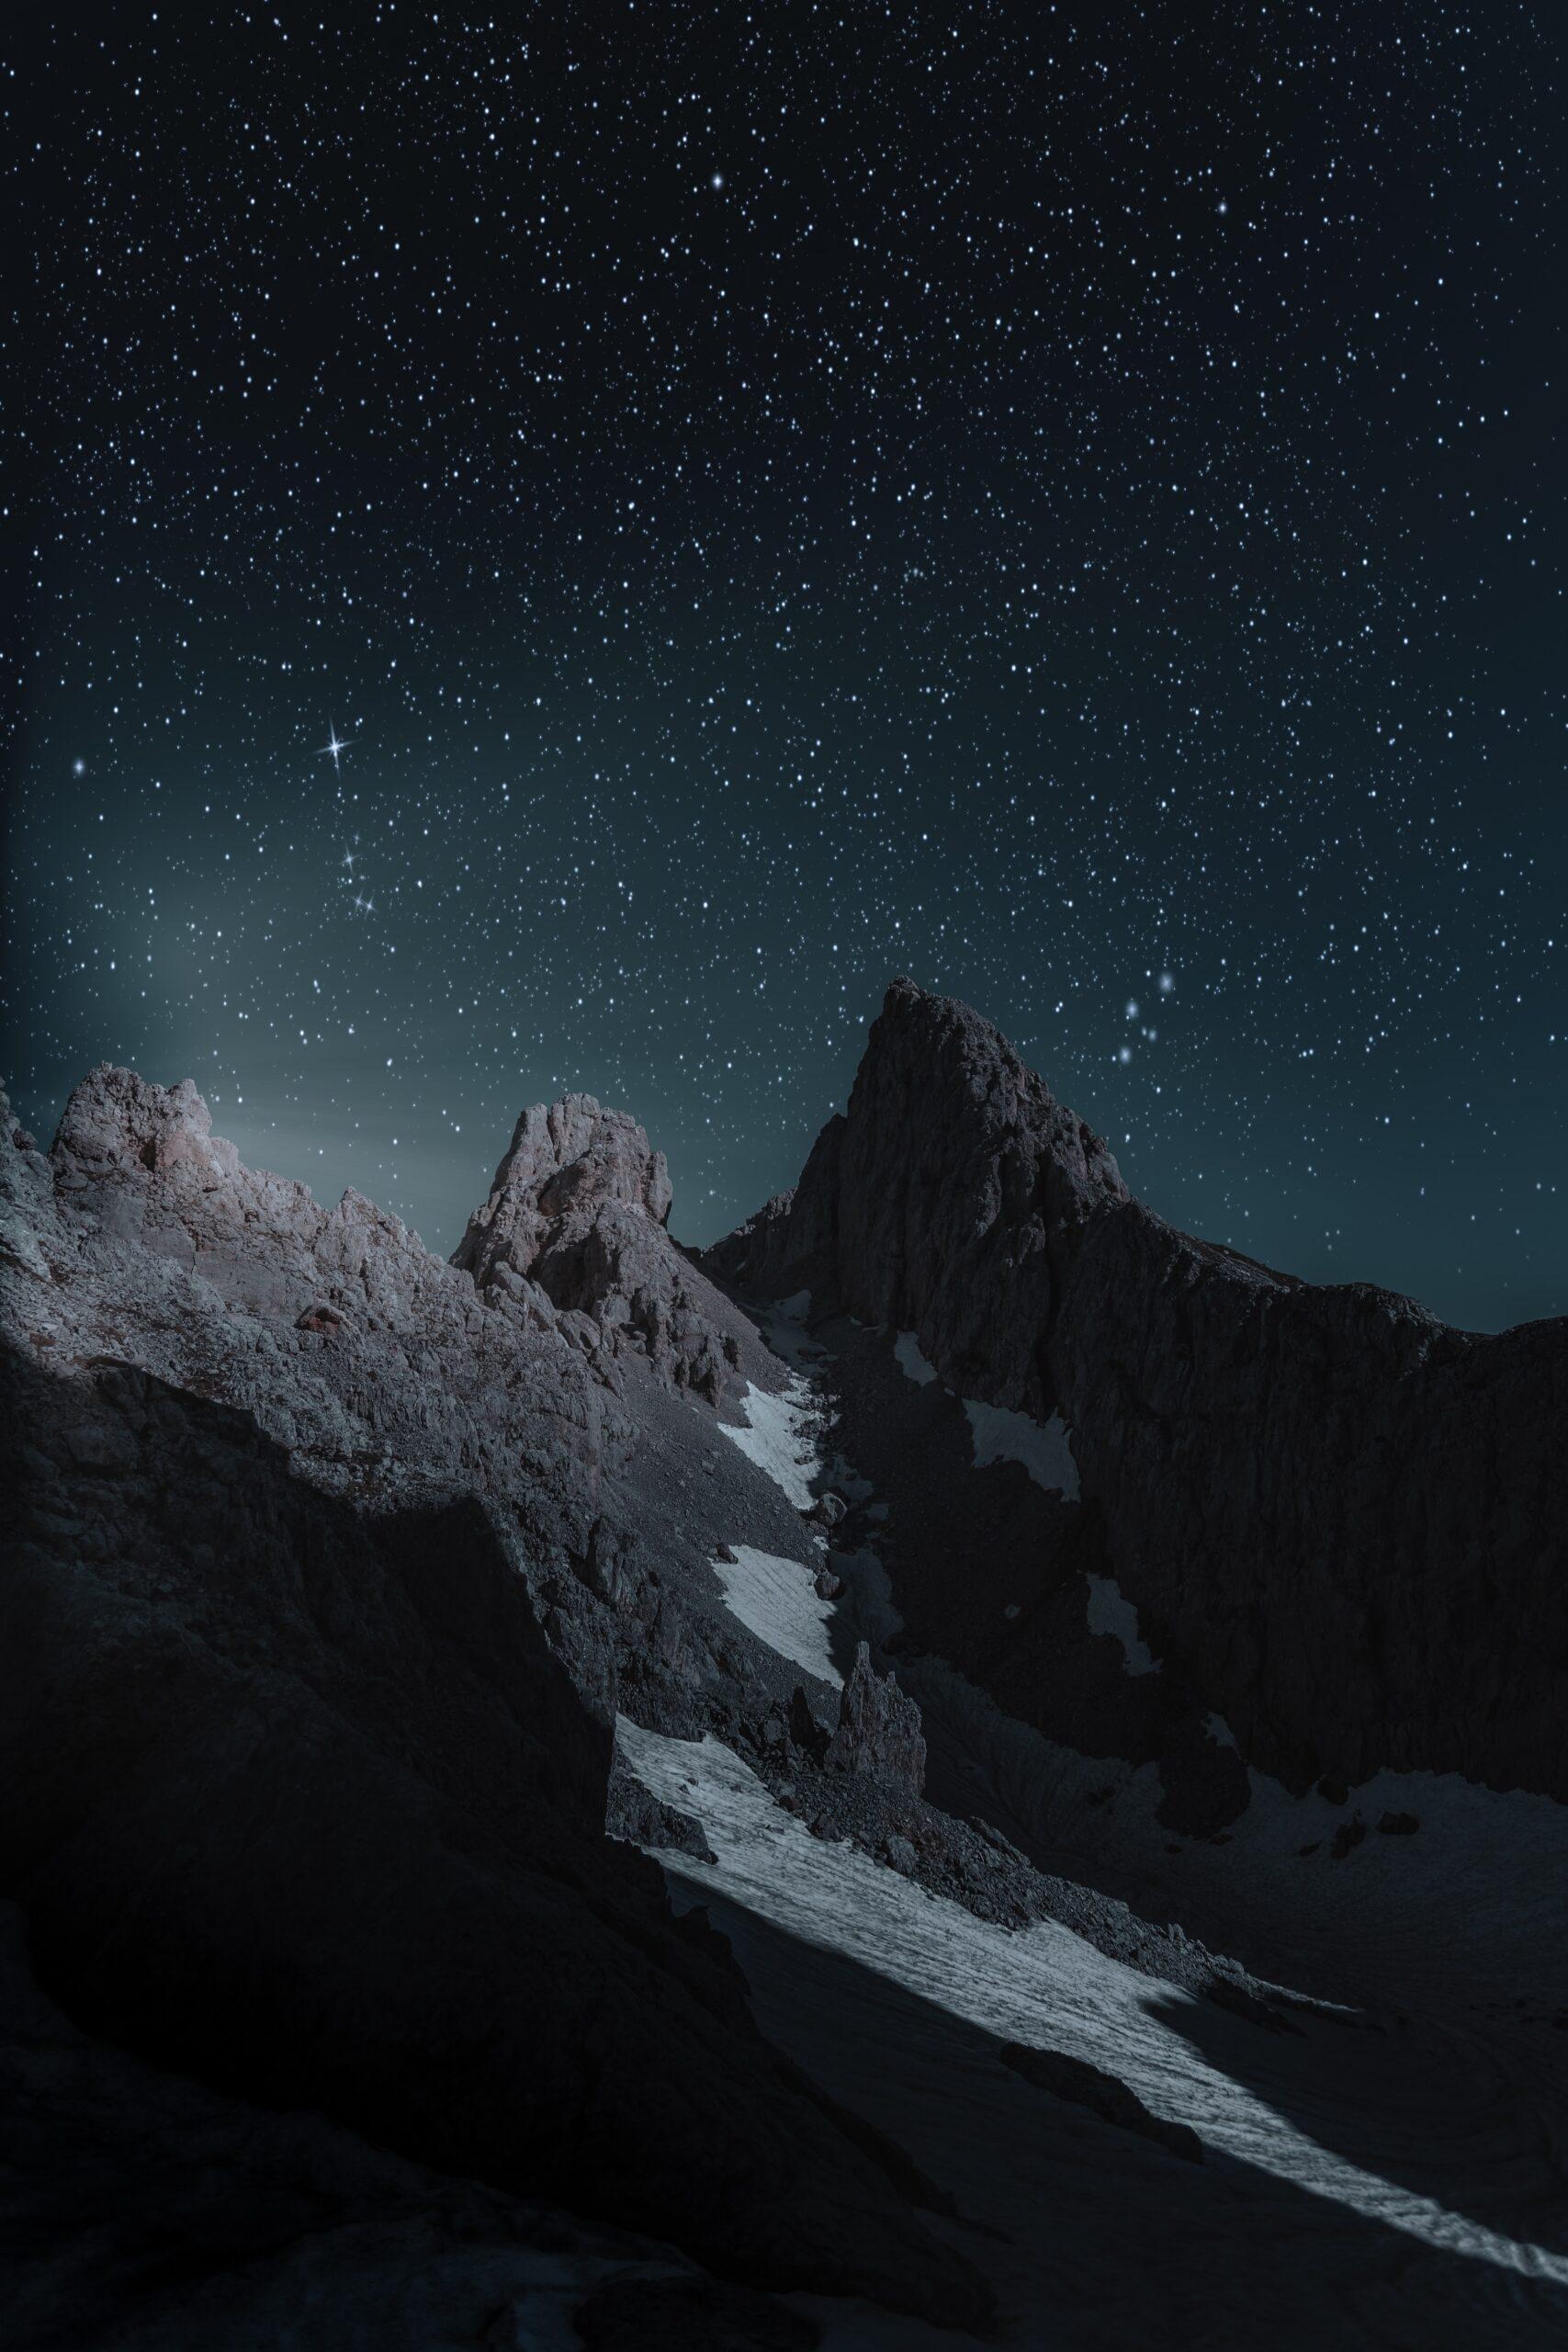 wallpaper Brown mountain at nighttime